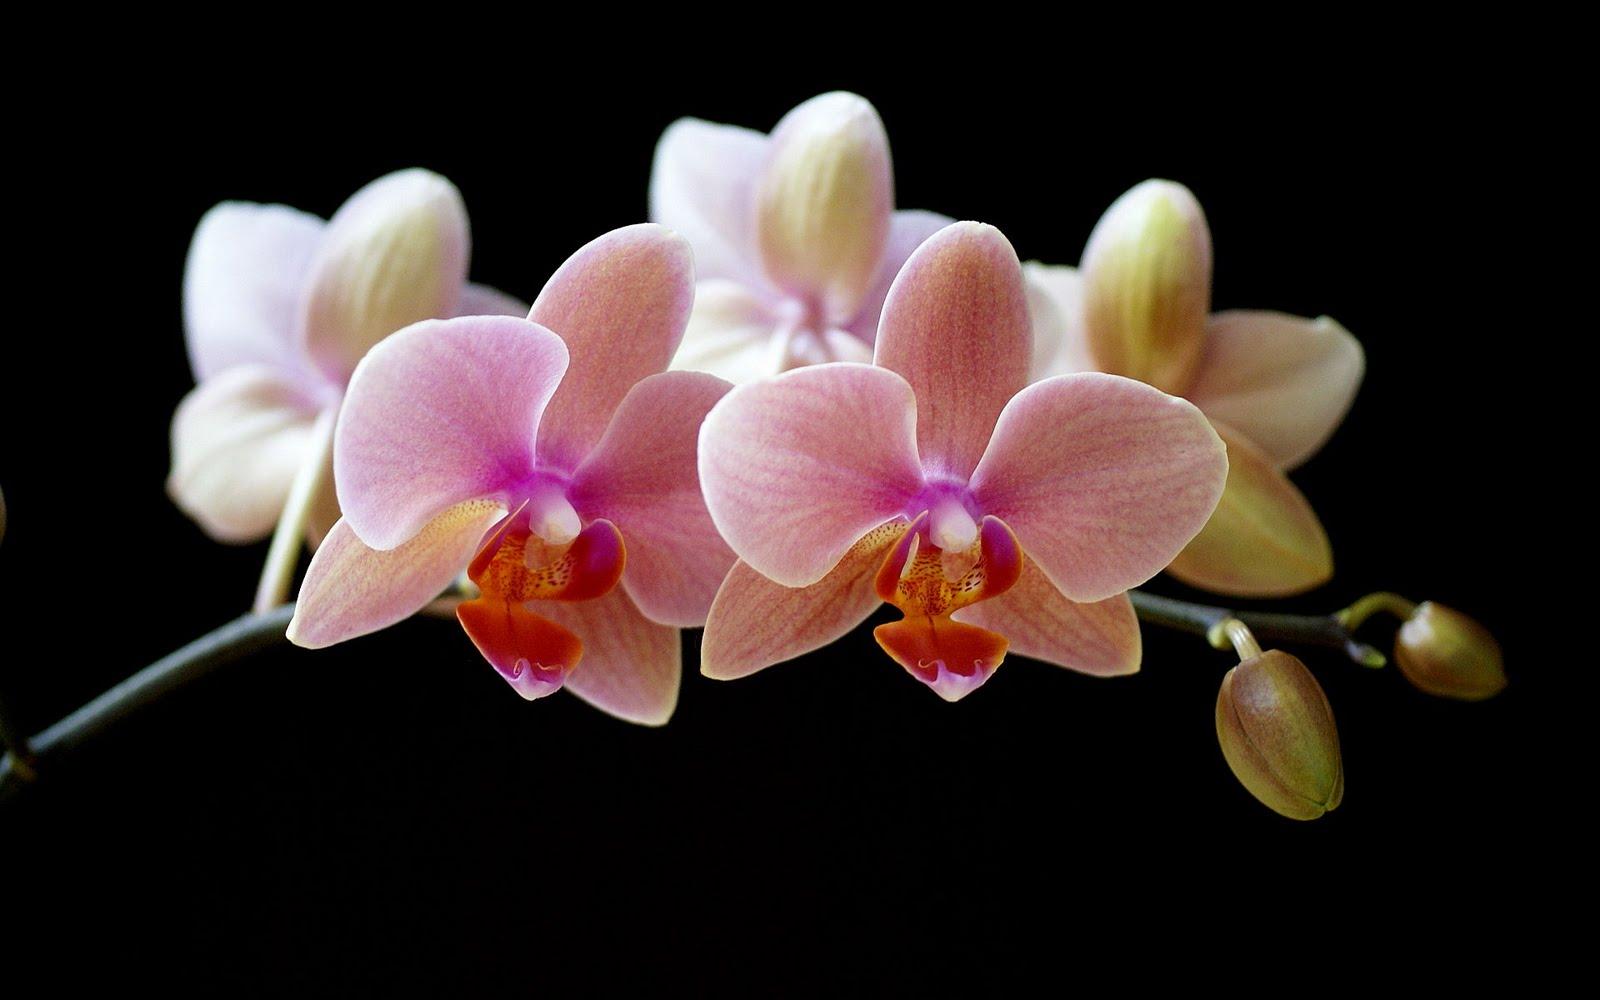 http://4.bp.blogspot.com/_3sU0MnRawMI/TT0mLFc4bCI/AAAAAAAAETo/IluXQ0GGDPI/s1600/wallpaper%2Belegant%2Bflower5.jpg